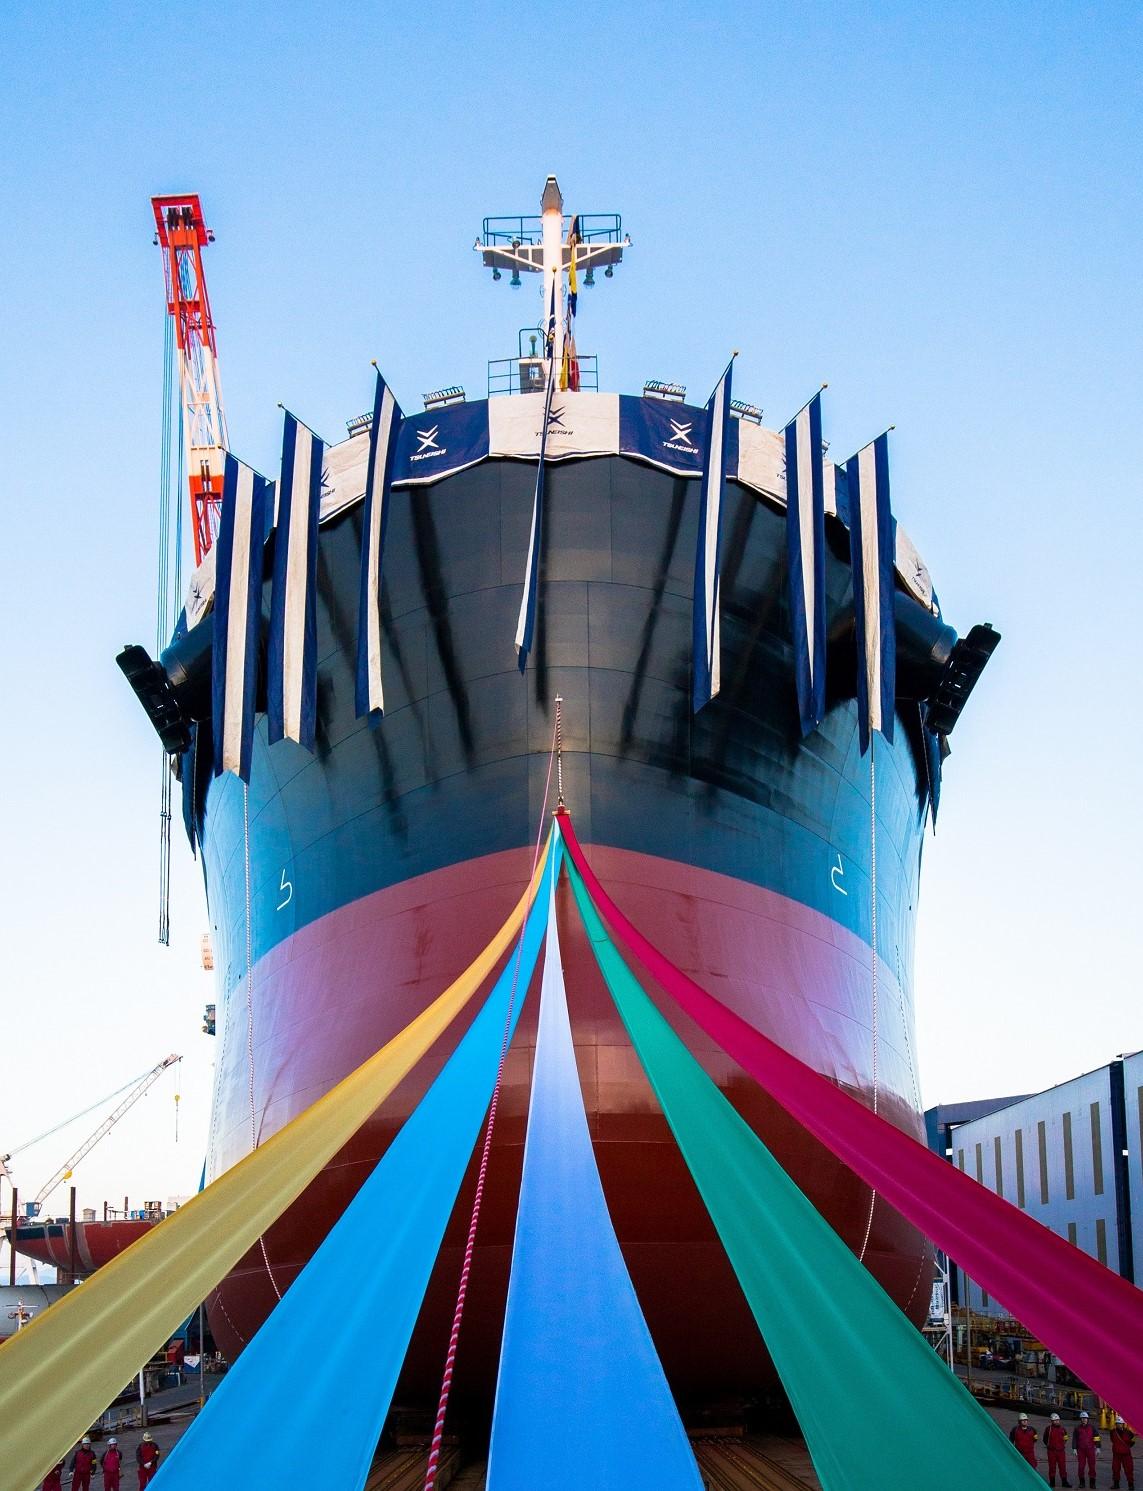 2018年1月30日,现场直播8万吨级散货船进水仪式~常石造船 广岛县福山市 常石工厂 第一船台